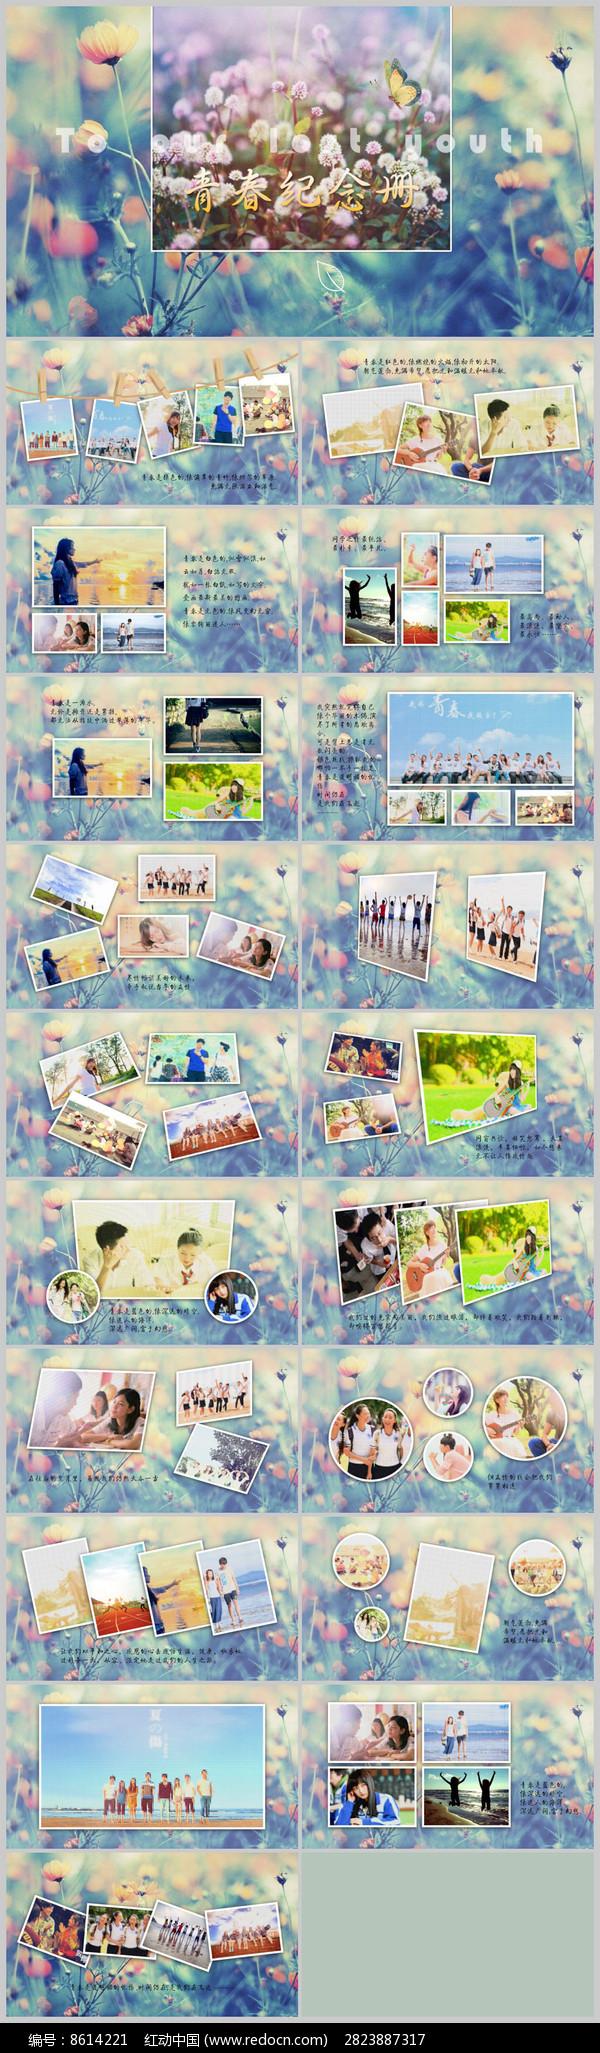 毕业青春纪念册PPT模板图片